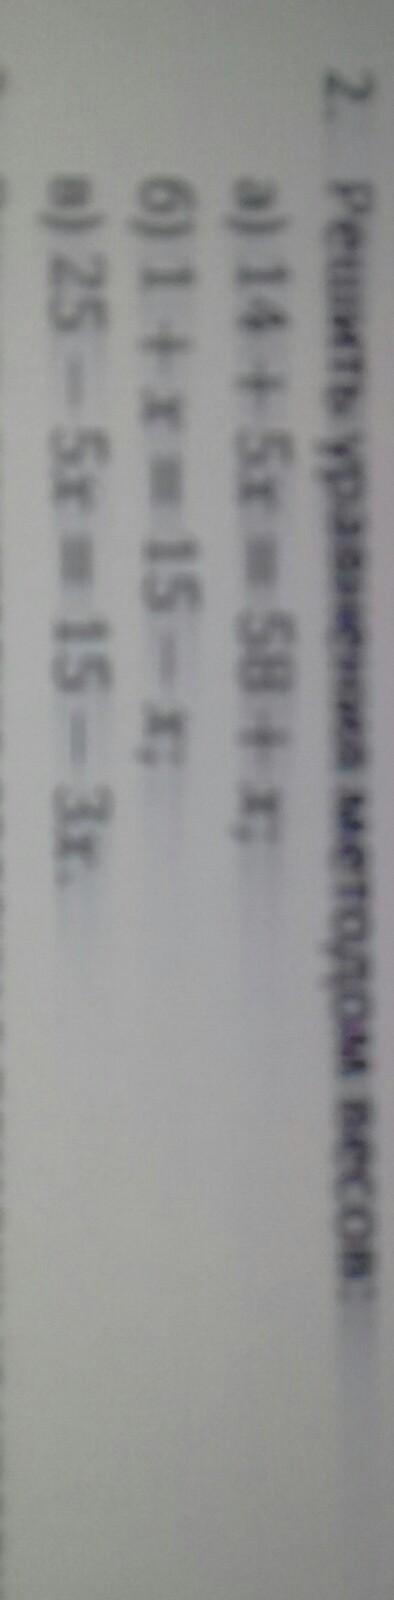 Решите уравнение методом весов 14 плюс 5 икс равно 58 плюс икс